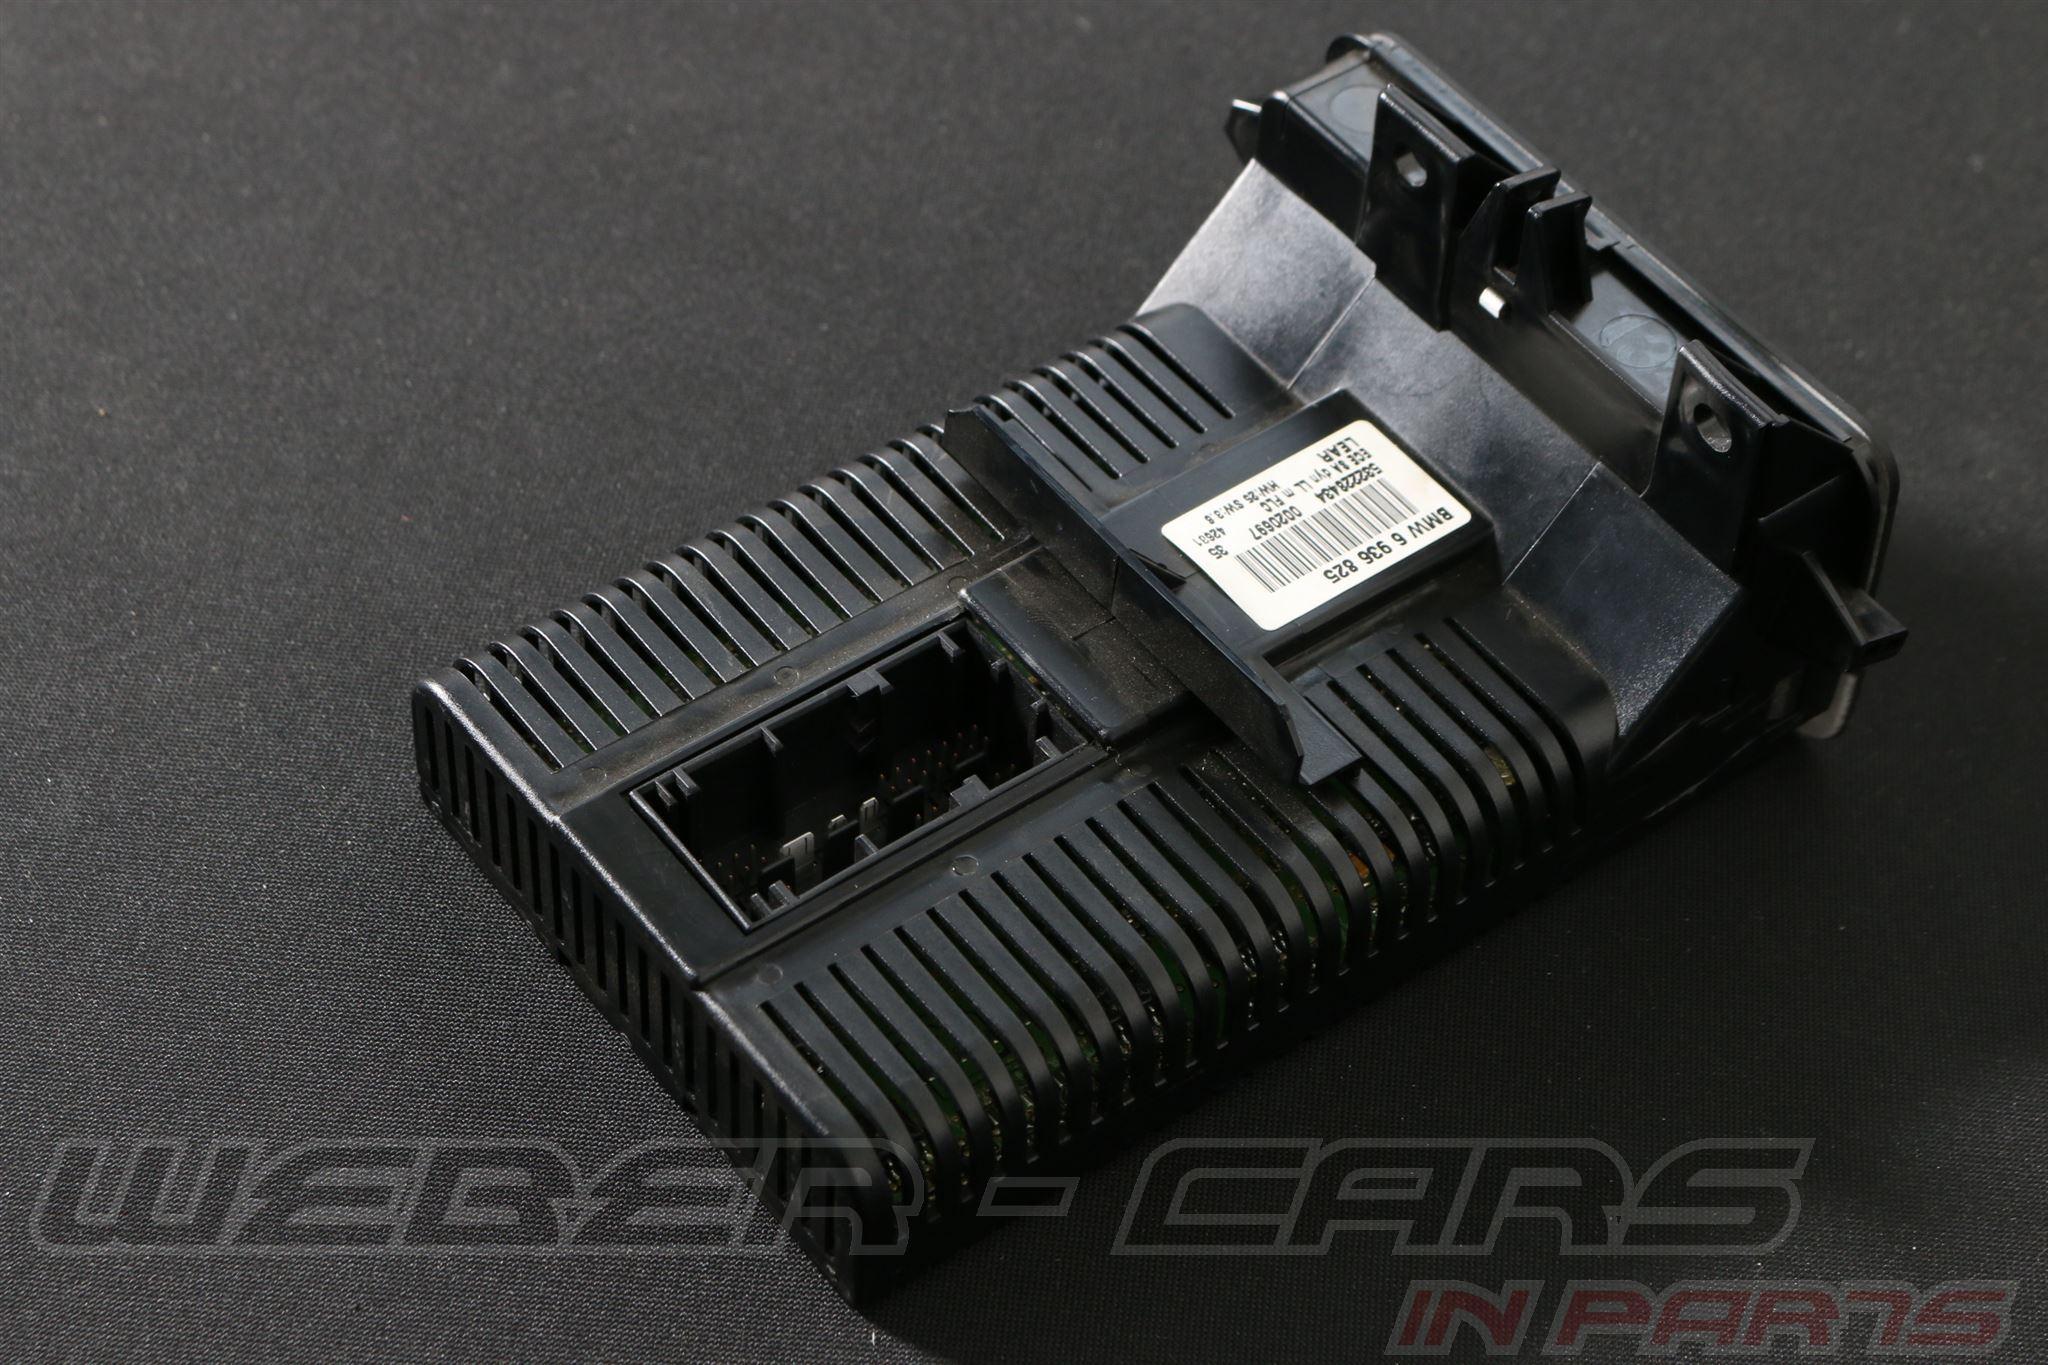 bmw 3er e46 bedienteil licht schaltzentrum xenon lsz. Black Bedroom Furniture Sets. Home Design Ideas